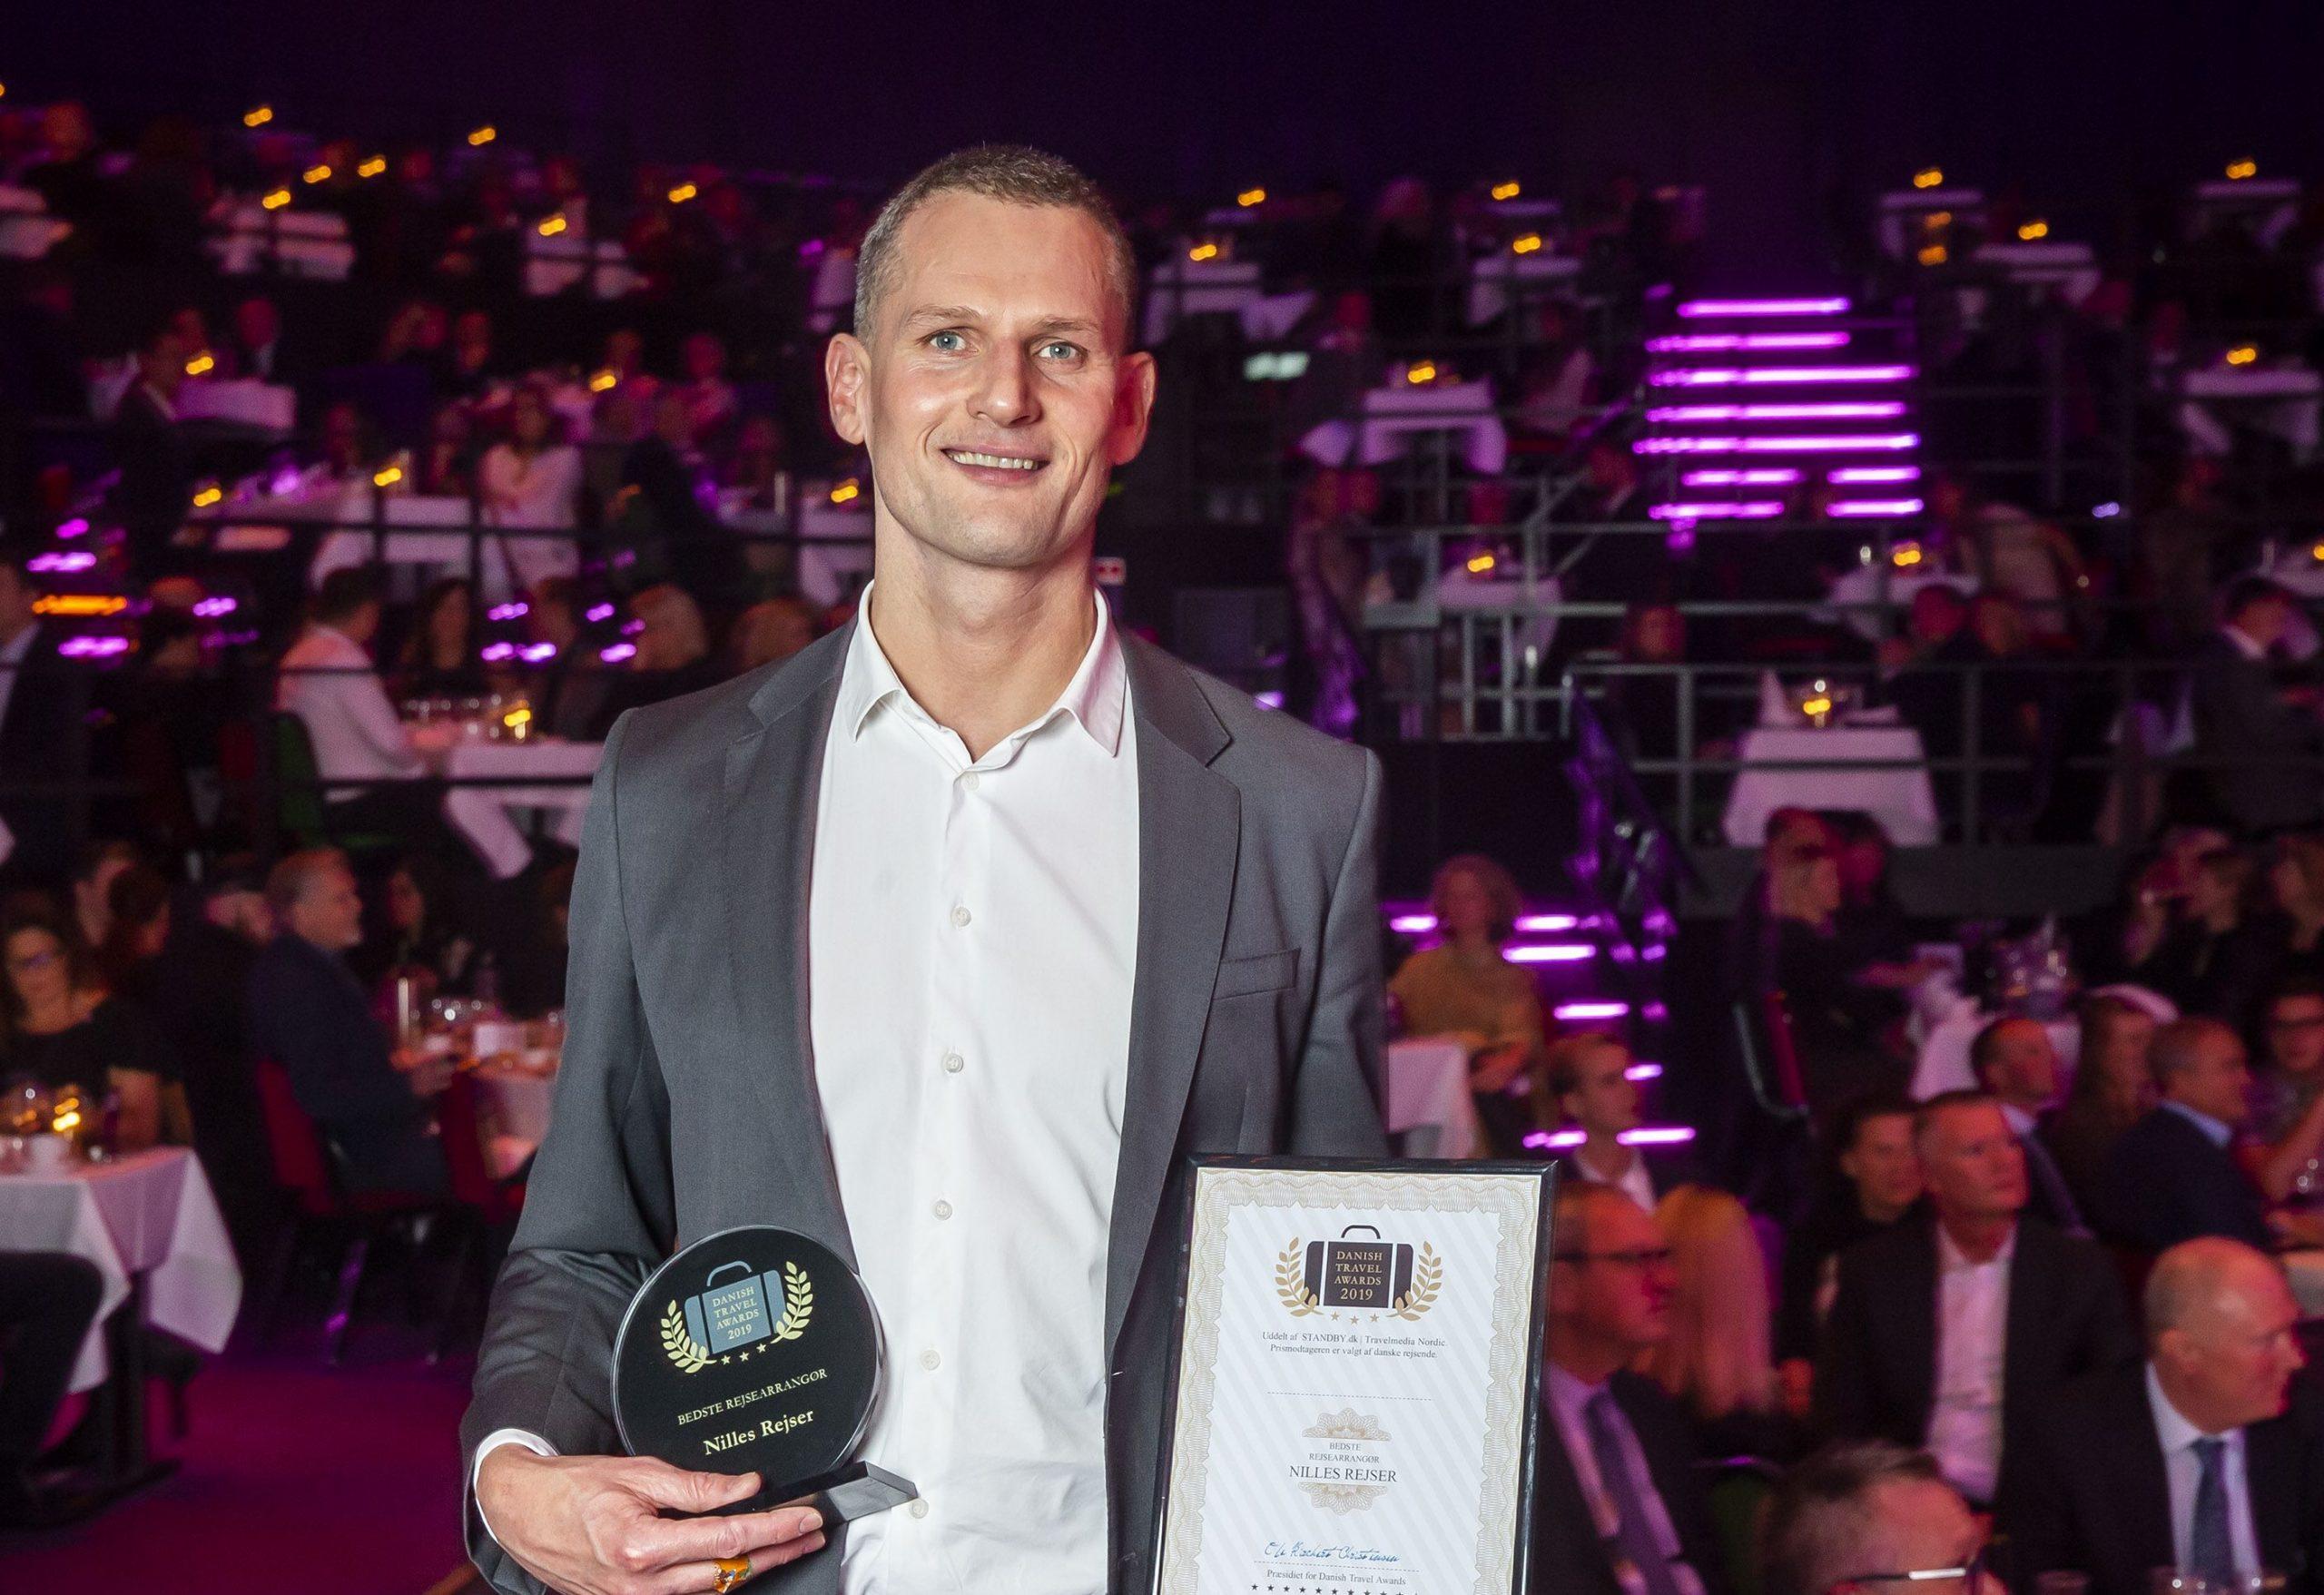 Morten Aaberg Sørensen, administrerende direktør for Aller Leisure, ved årets Danish Travel Awards 2019, hvor Nilles Rejser, et af Aller-bureauerne, vandt som Bedste Rejsearrangør. (Foto: Michael Stub)